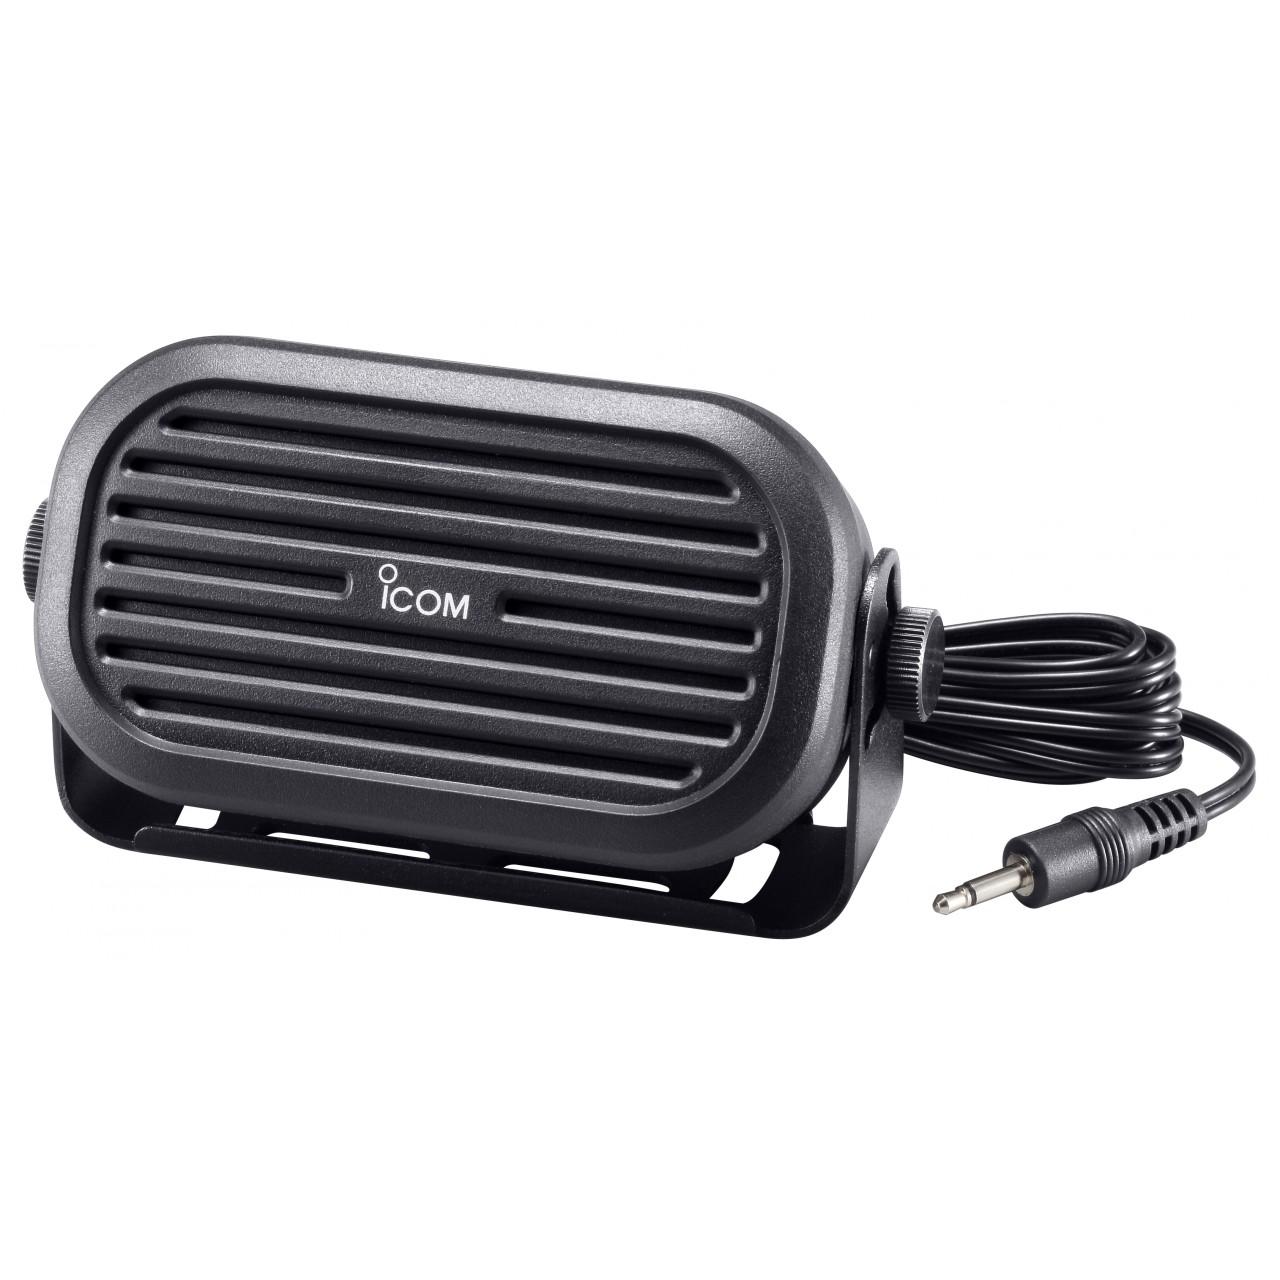 SP-35L Speakers - ICOM